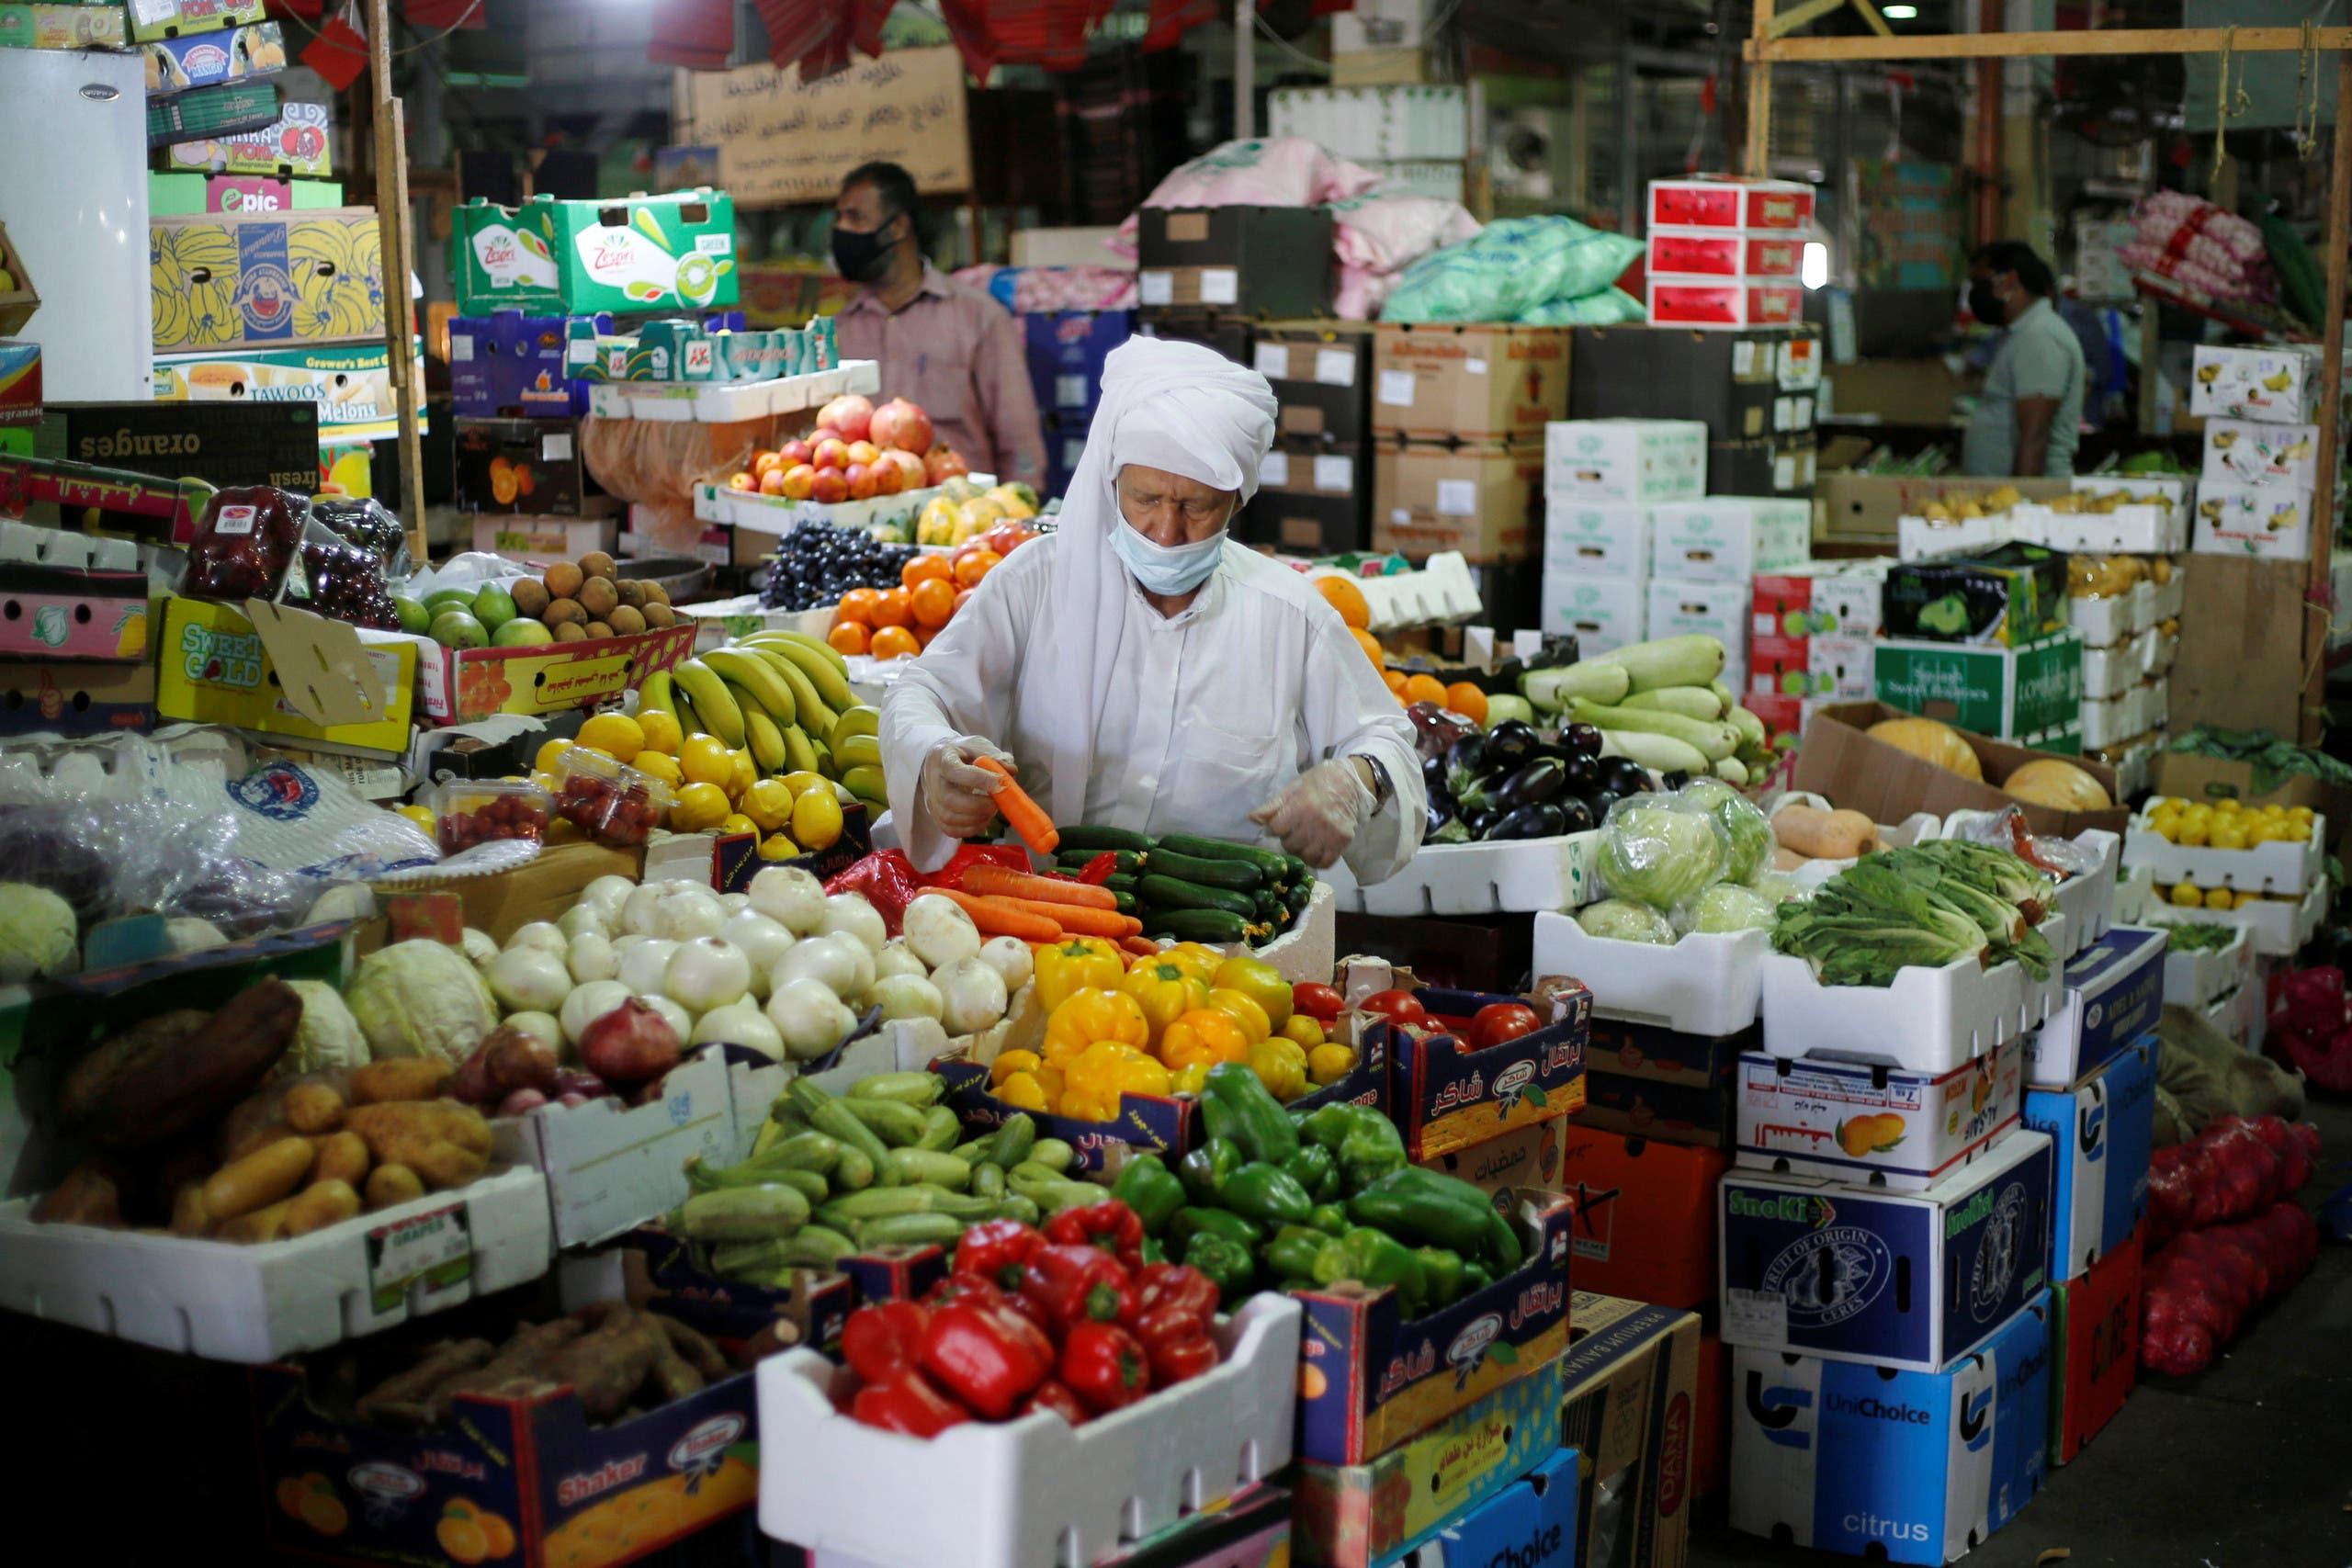 تجار ومتسوقون يضعون الكمامات في أحد أسواق البحرين للوقاية من كورونا